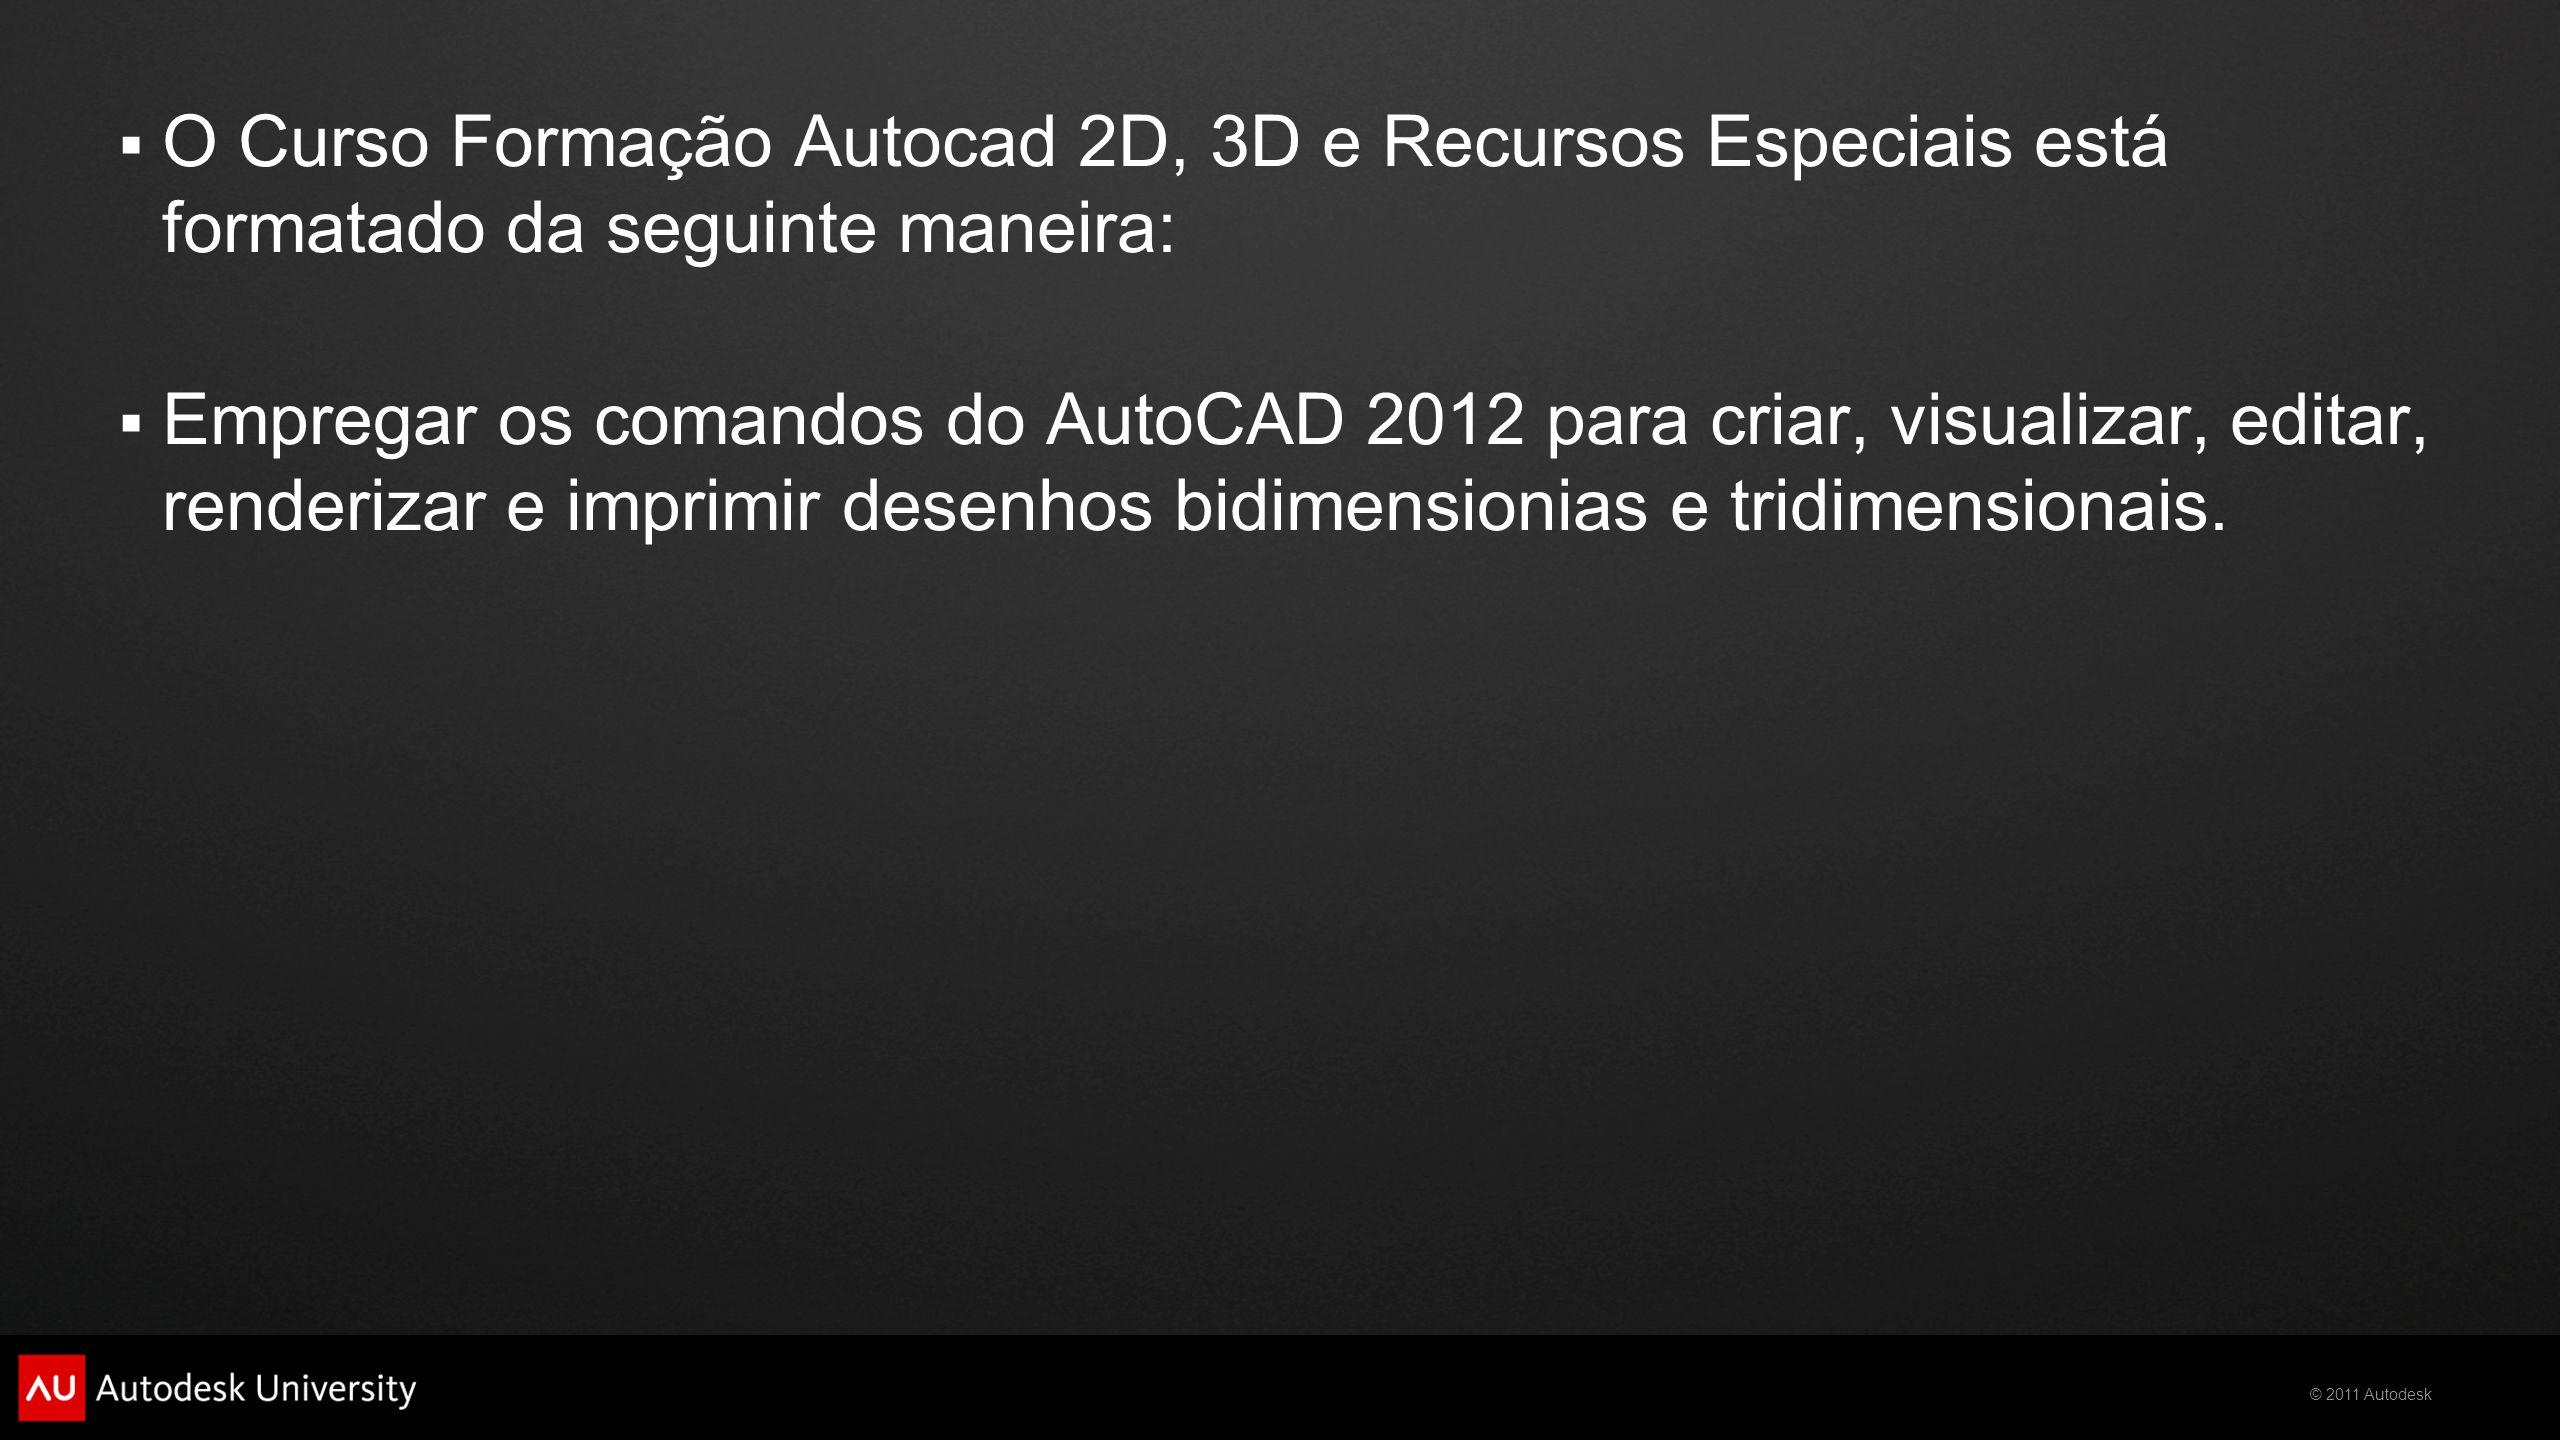  O Curso Formação Autocad 2D, 3D e Recursos Especiais está formatado da seguinte maneira:  Empregar os comandos do AutoCAD 2012 para criar, visualizar, editar, renderizar e imprimir desenhos bidimensionias e tridimensionais.